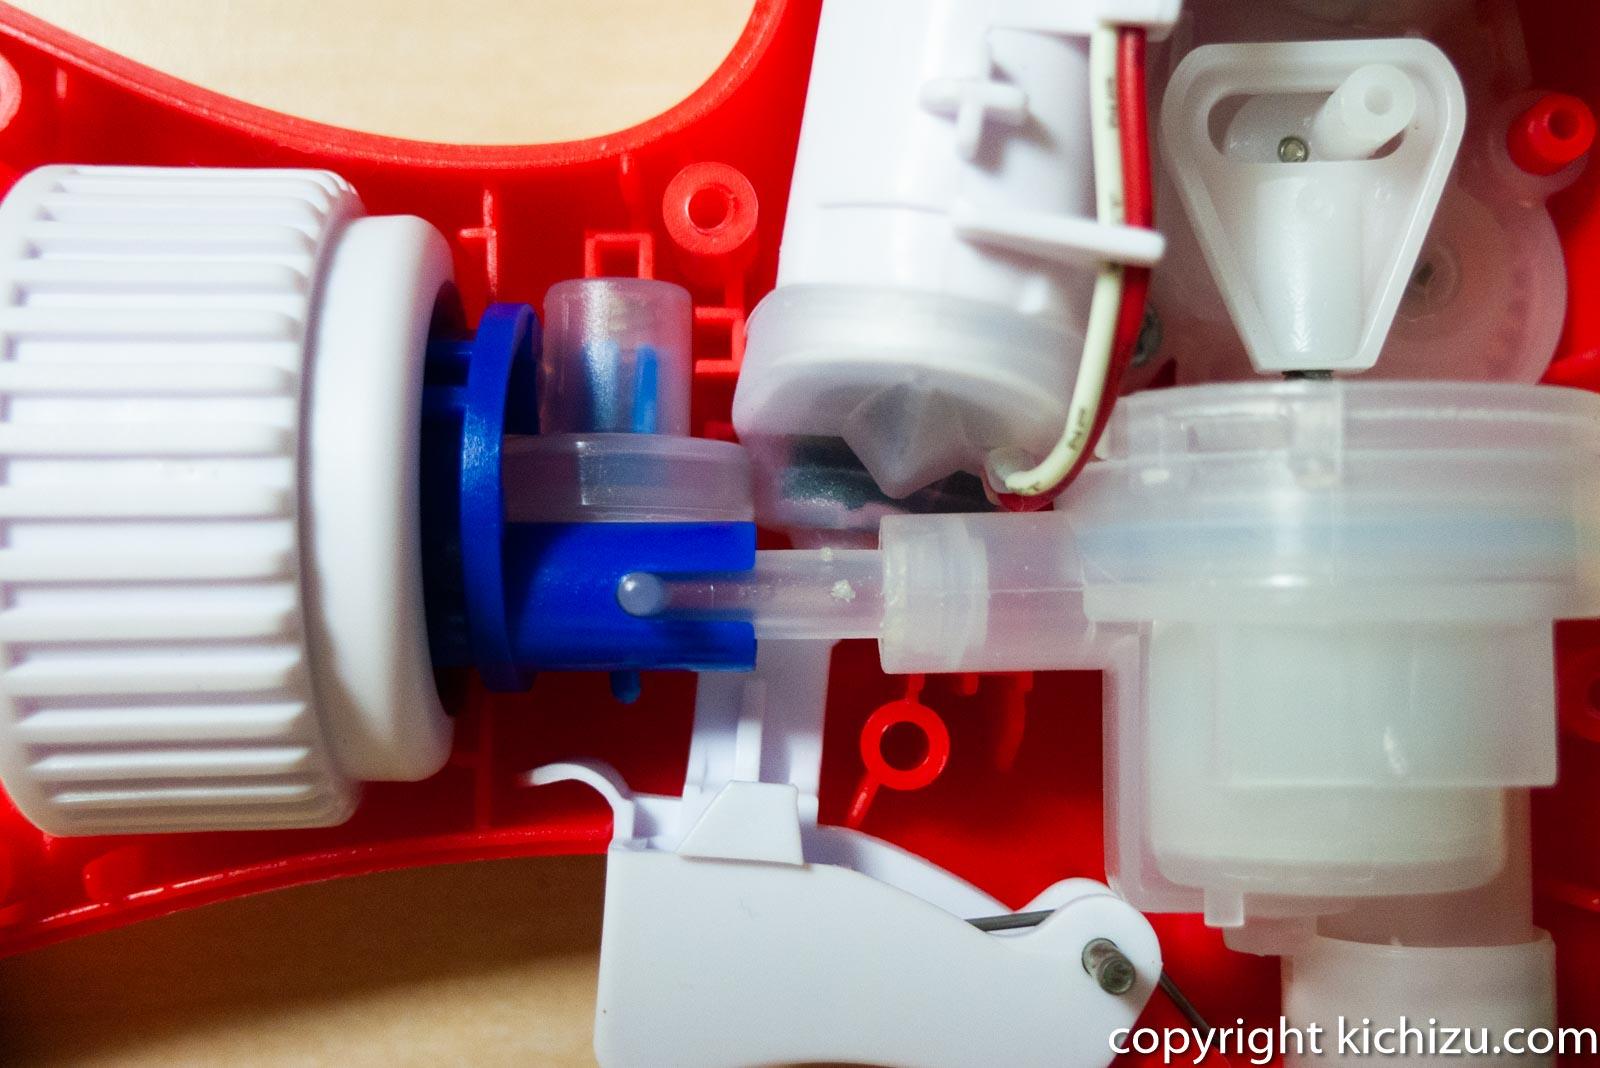 カビキラー電動スプレーの生き吸い取り部分の様子